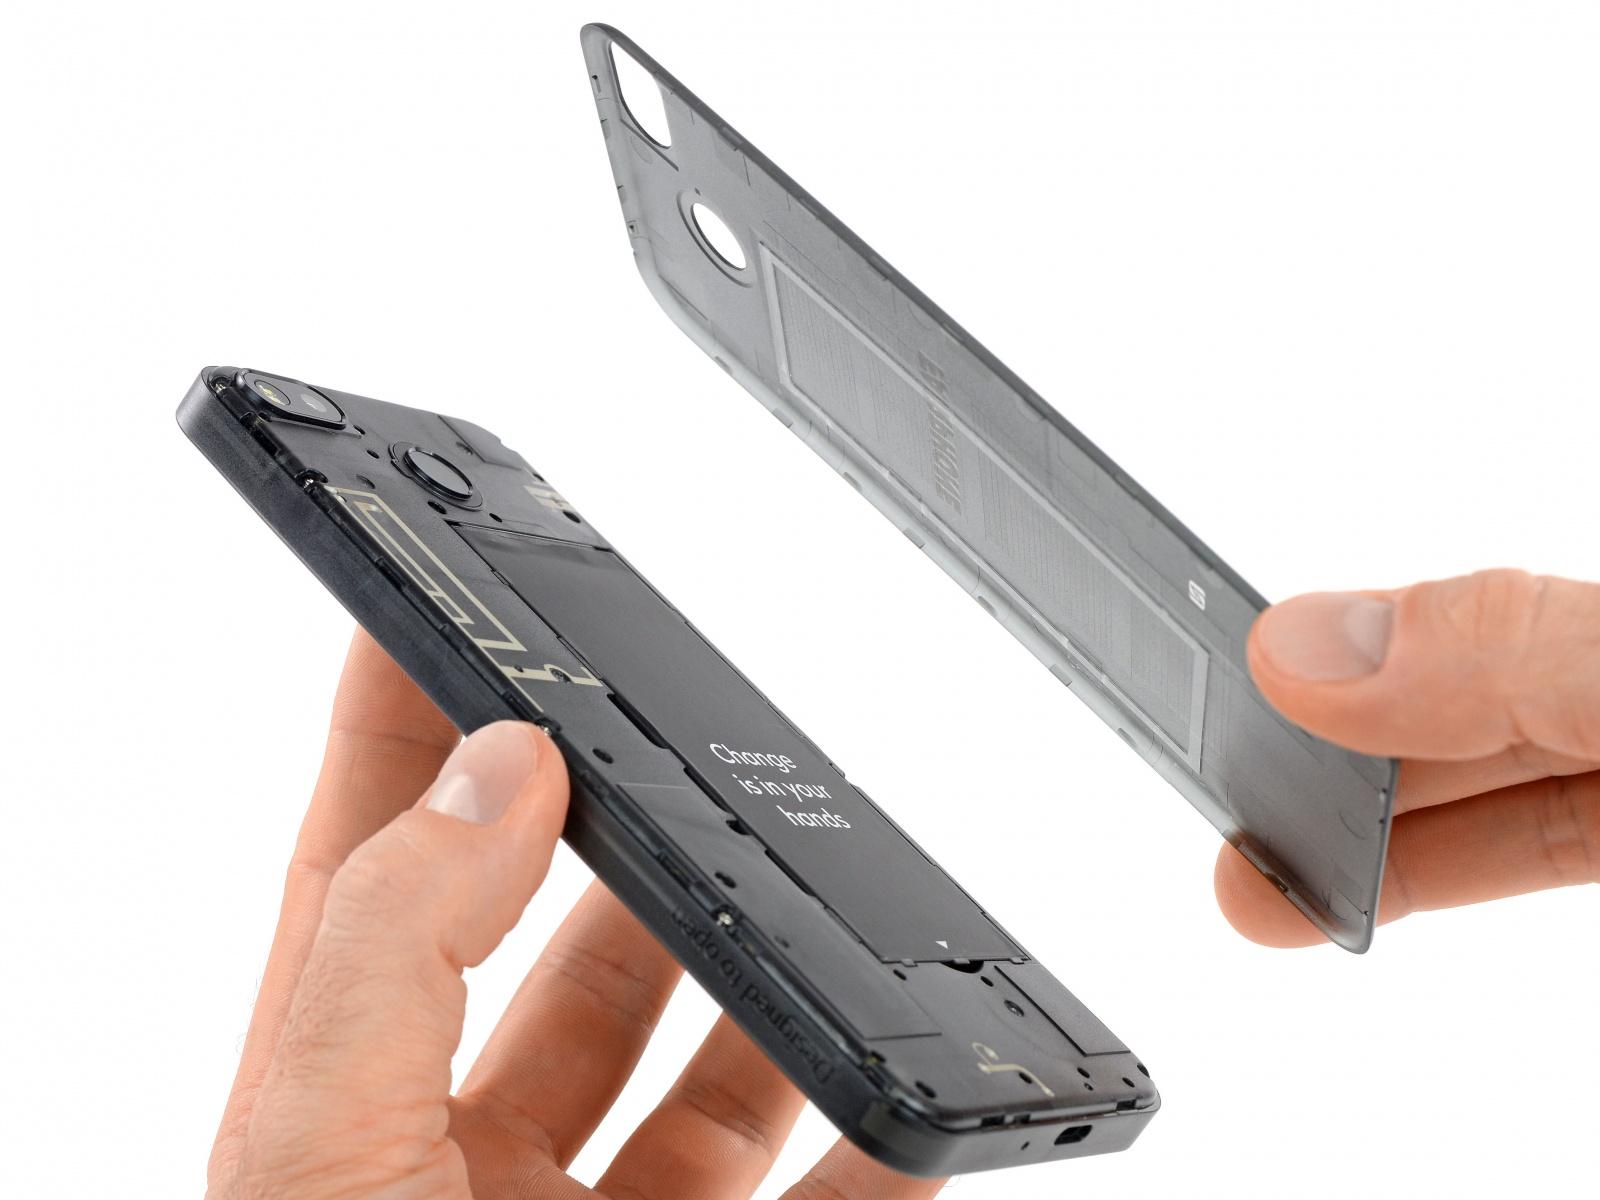 Модульный телефон Fairphone 3 получил обновленную камеру - 4